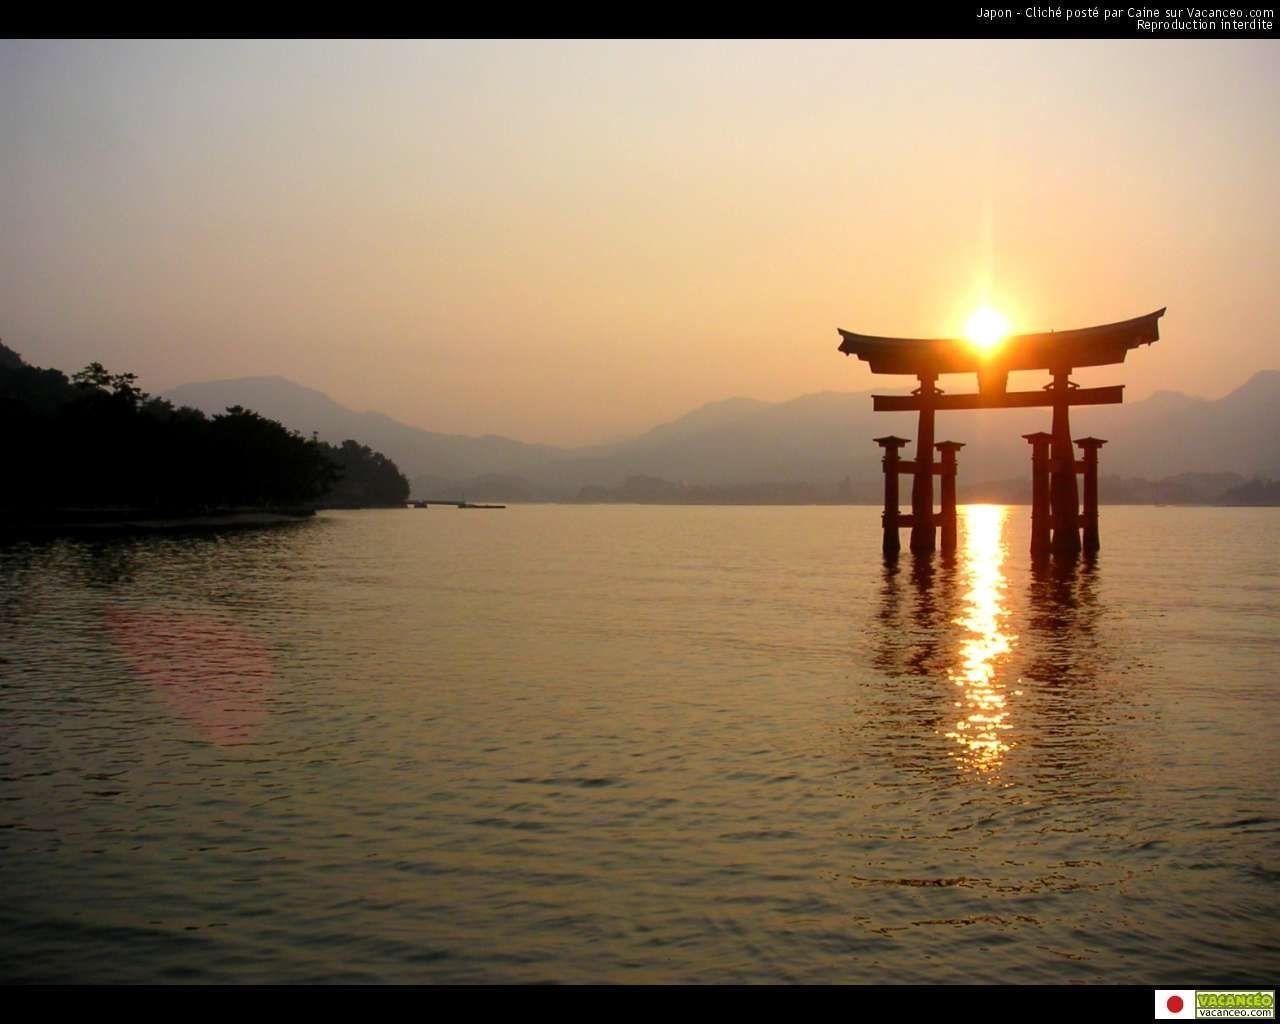 fonds d ecran japonais pour ryuji et sakura. Black Bedroom Furniture Sets. Home Design Ideas